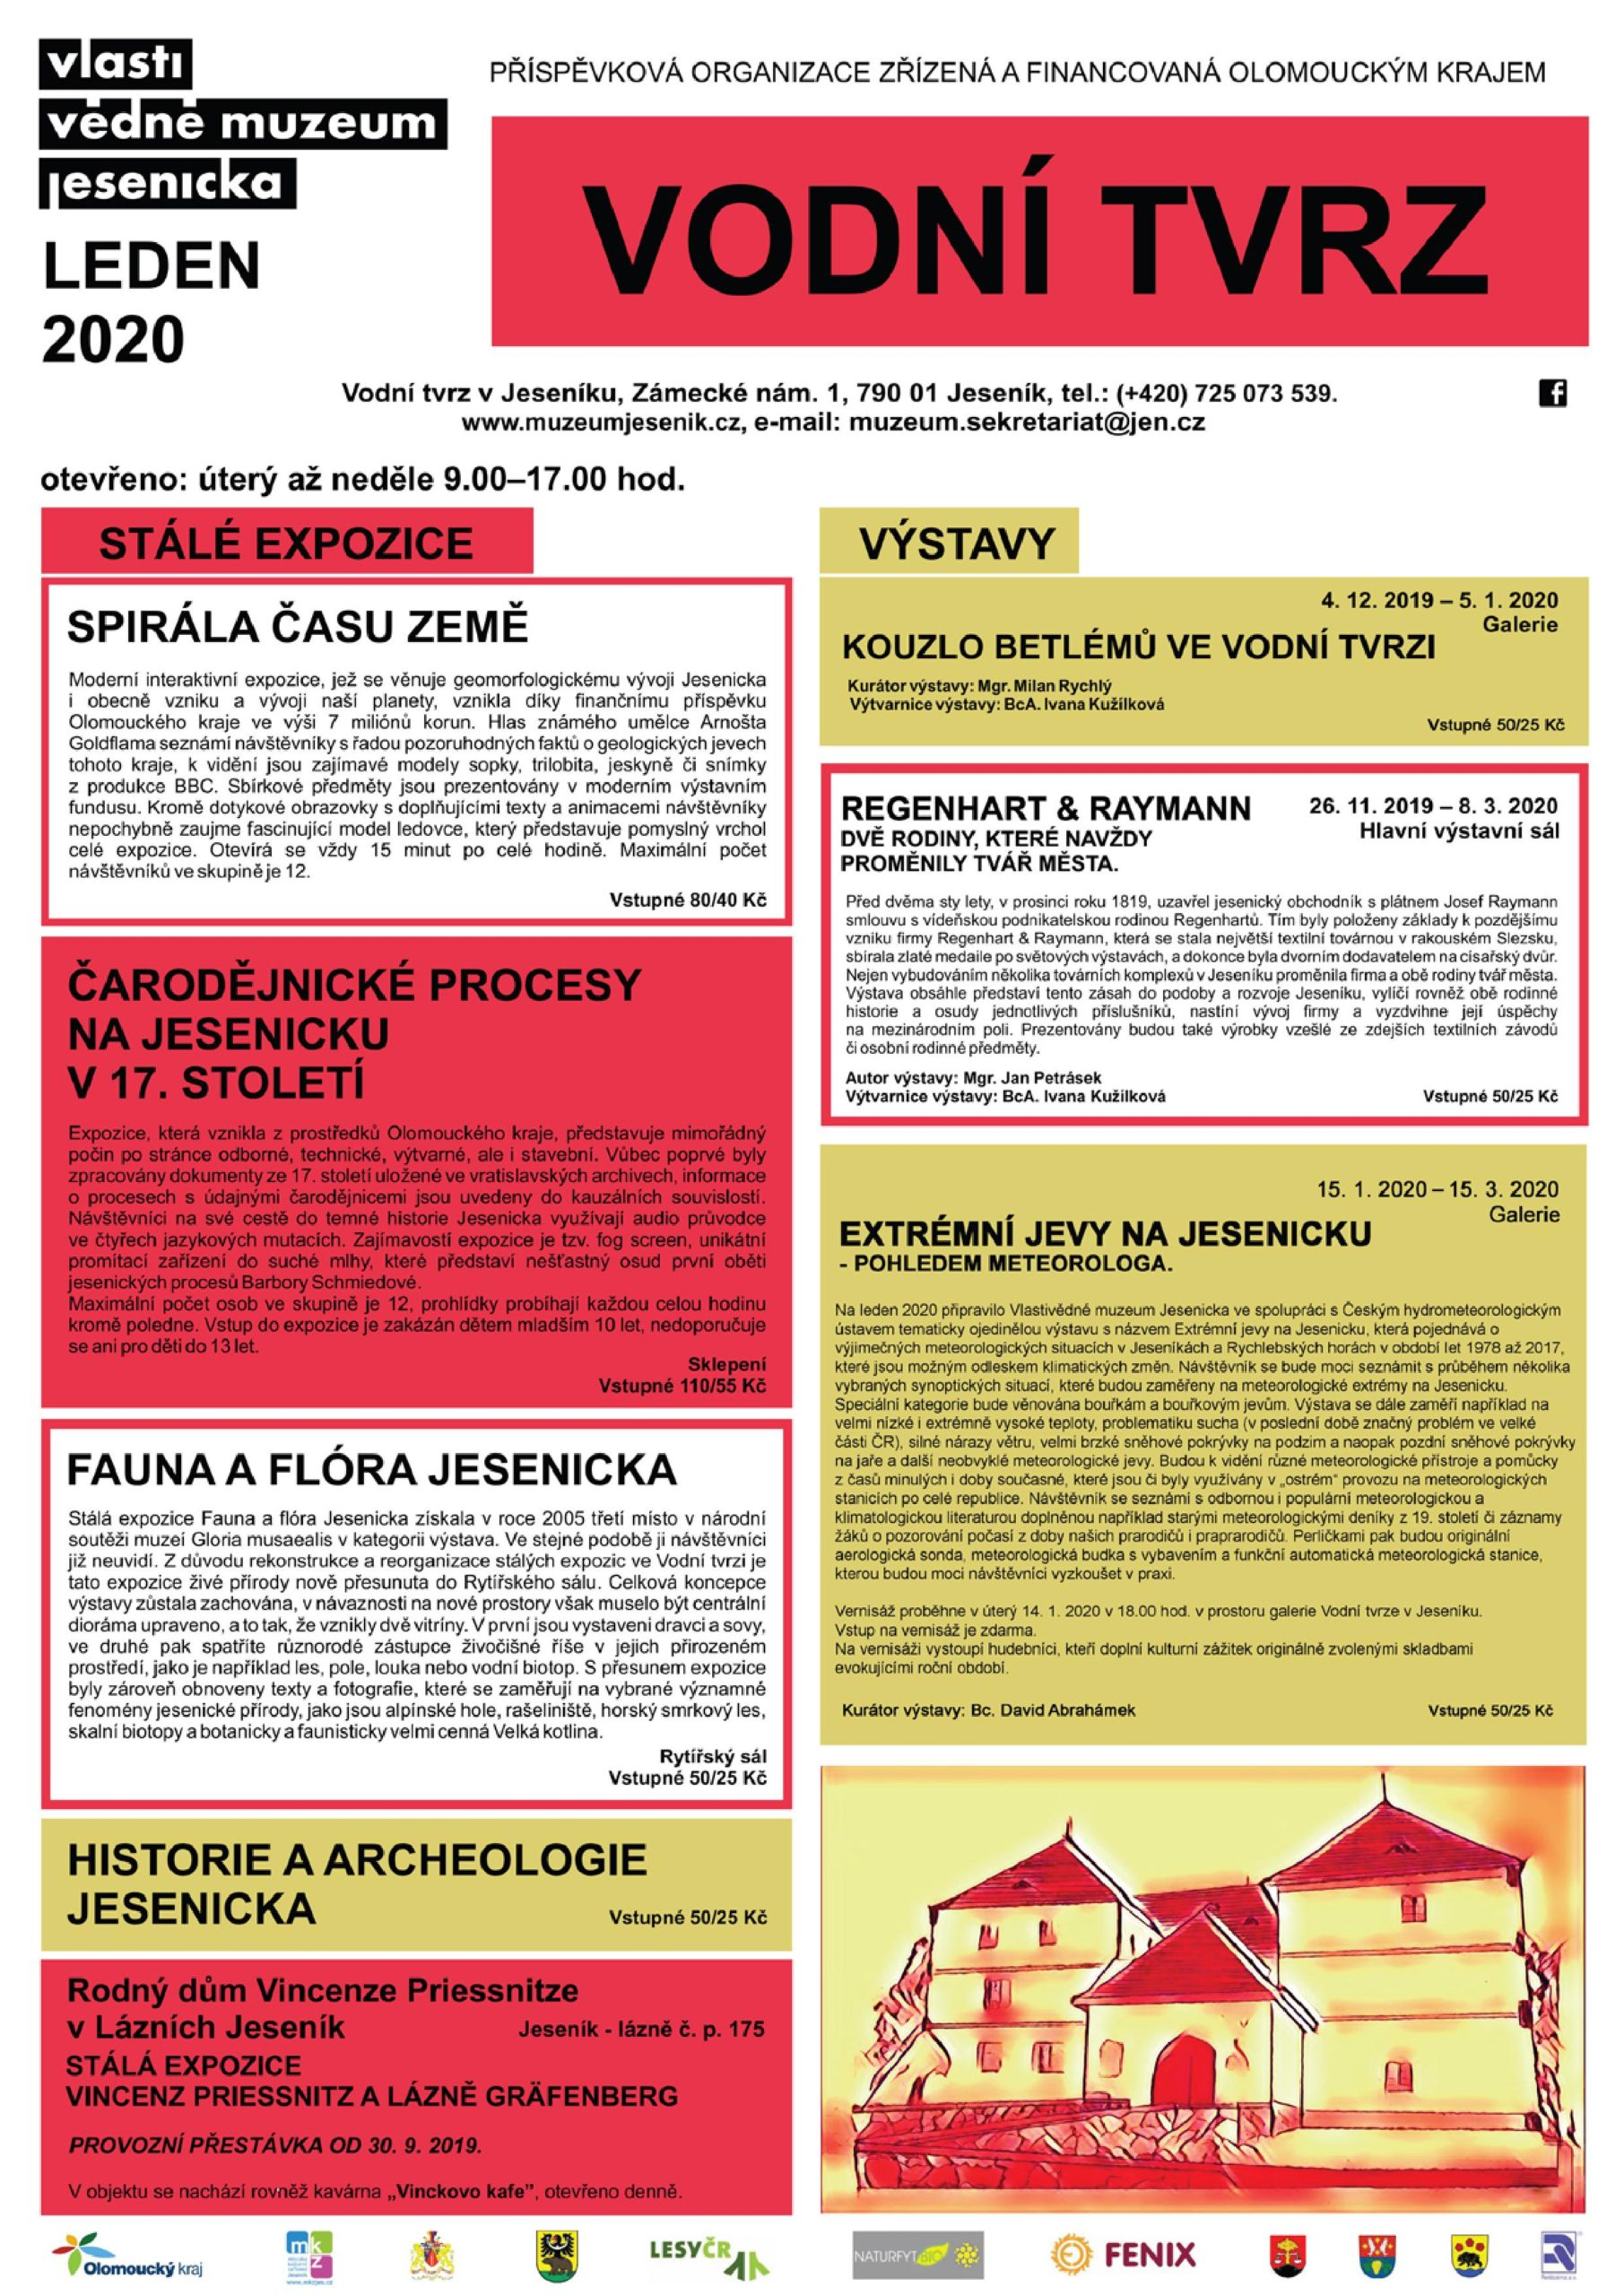 Program Vlastivědného muzea – LEDEN 2020